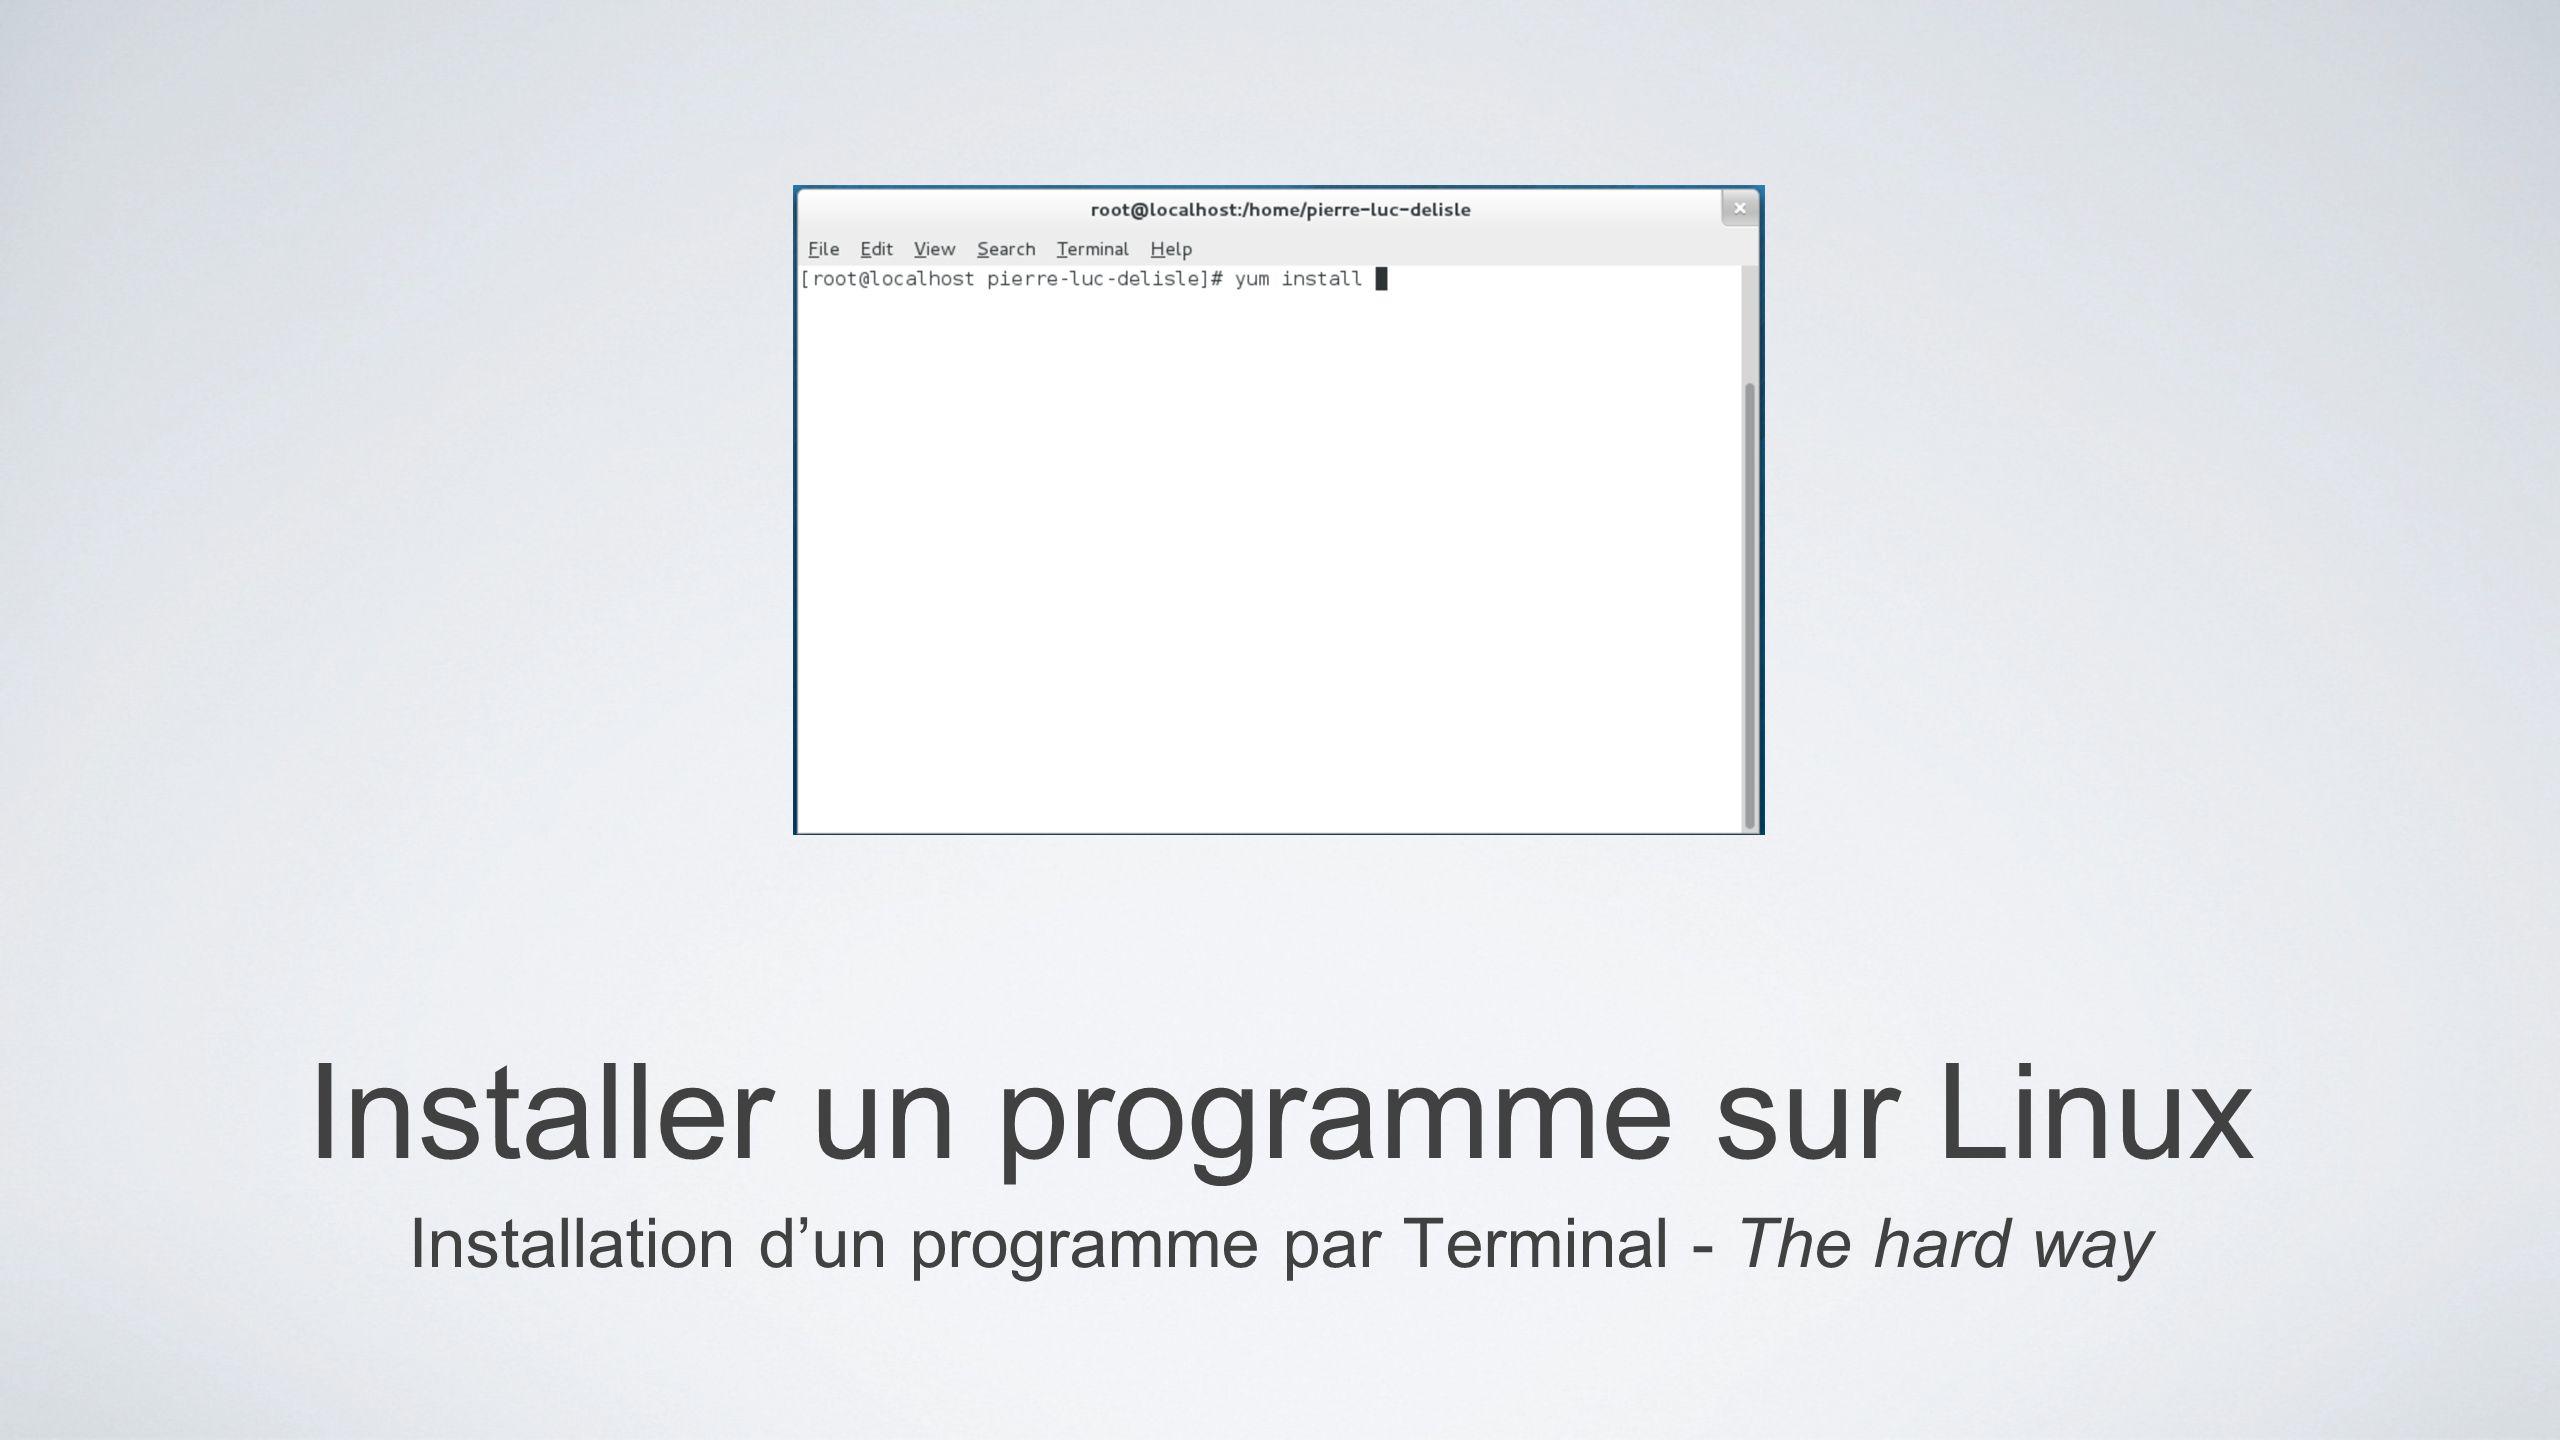 Installer un programme sur Linux